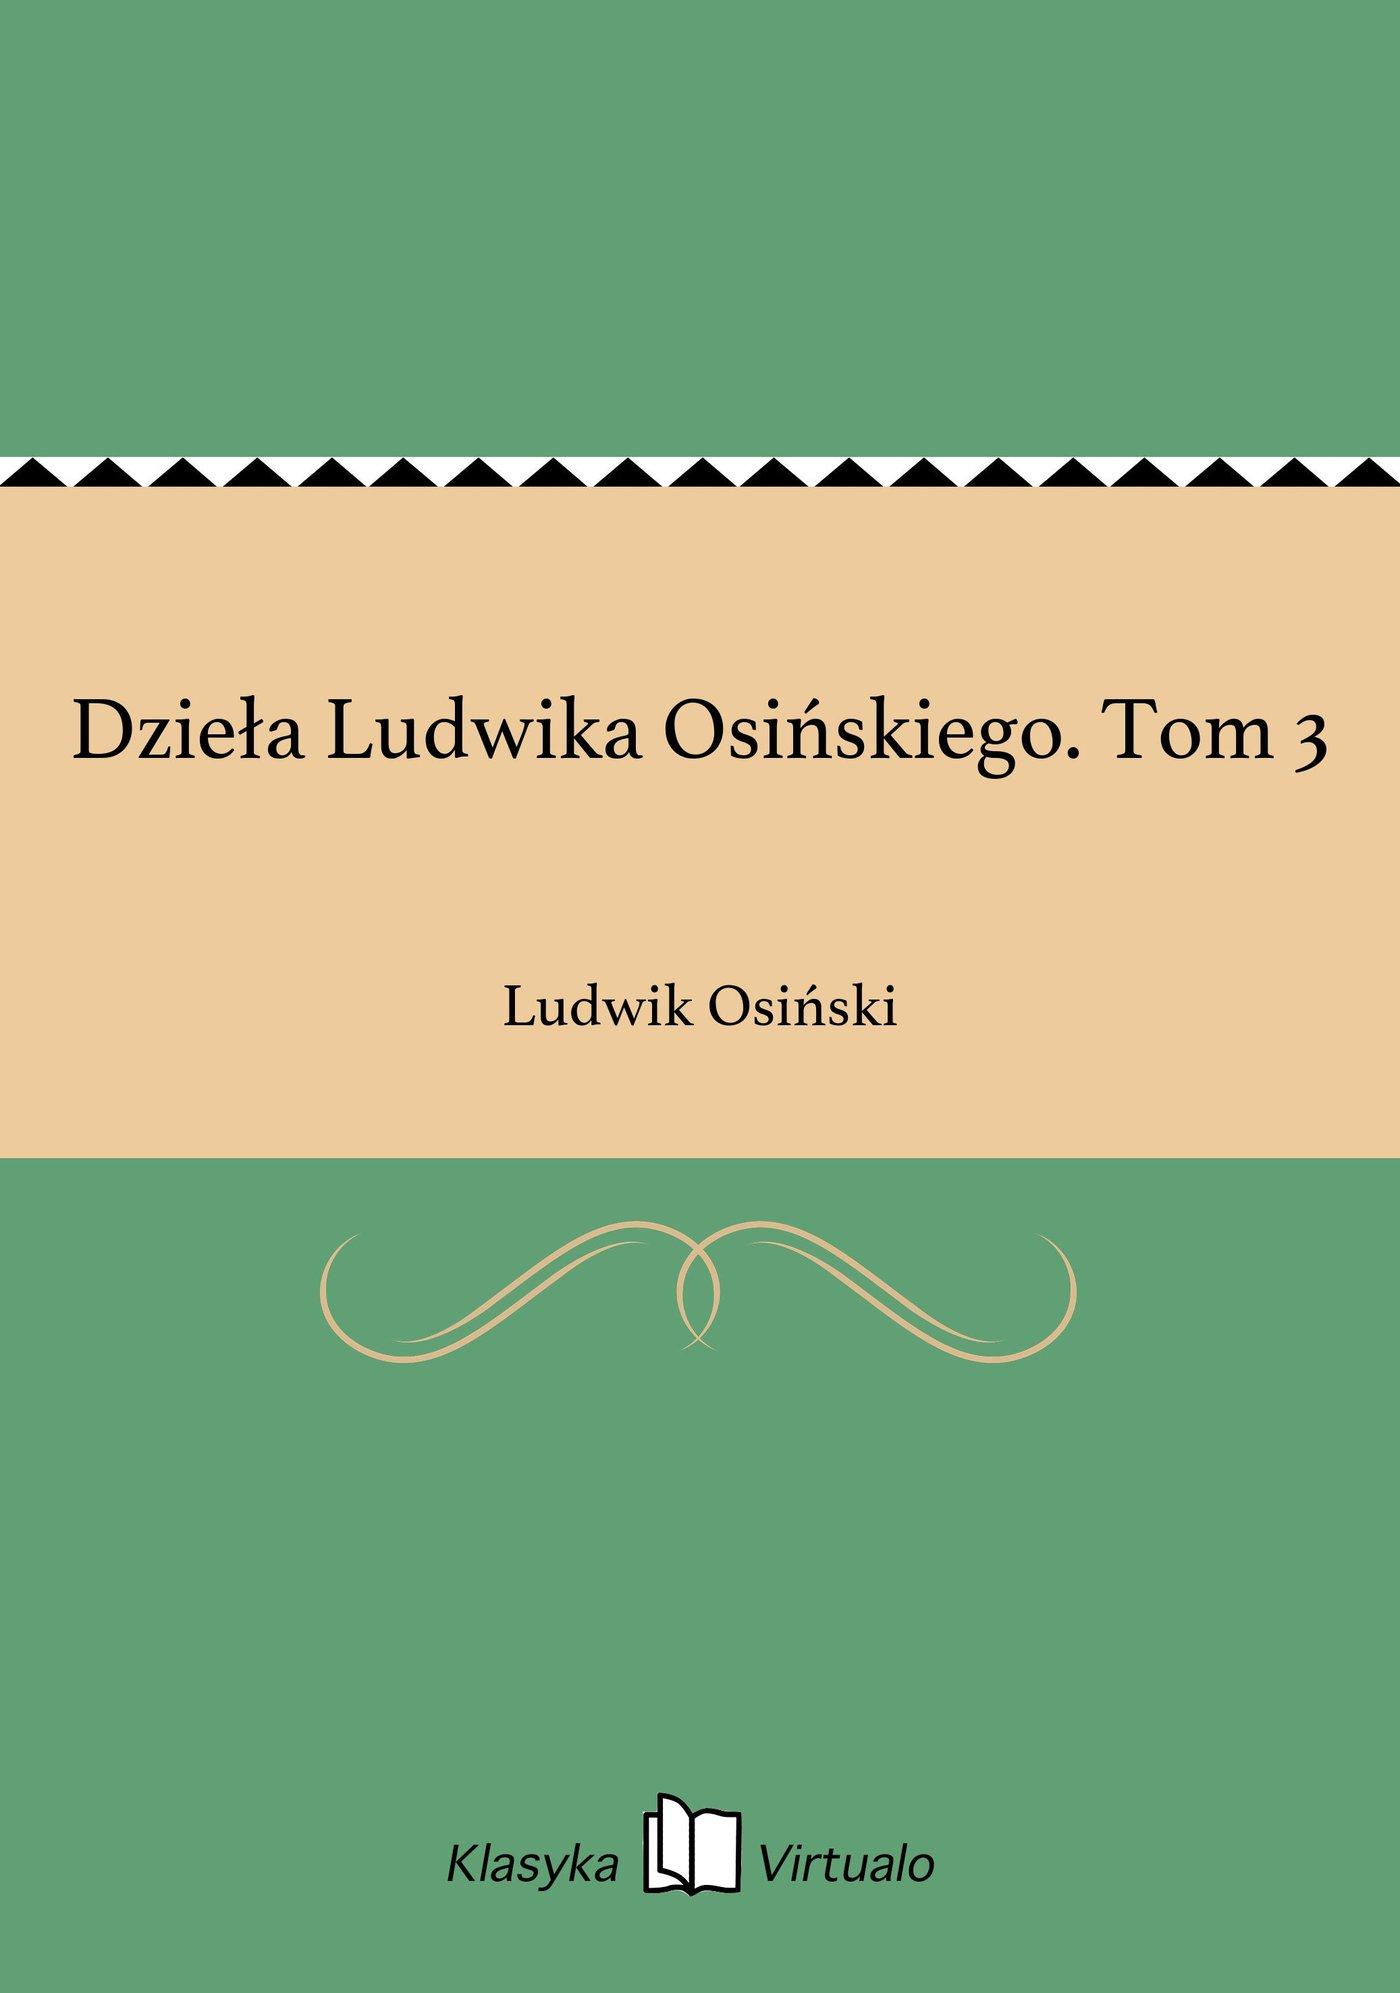 Dzieła Ludwika Osińskiego. Tom 3 - Ebook (Książka EPUB) do pobrania w formacie EPUB